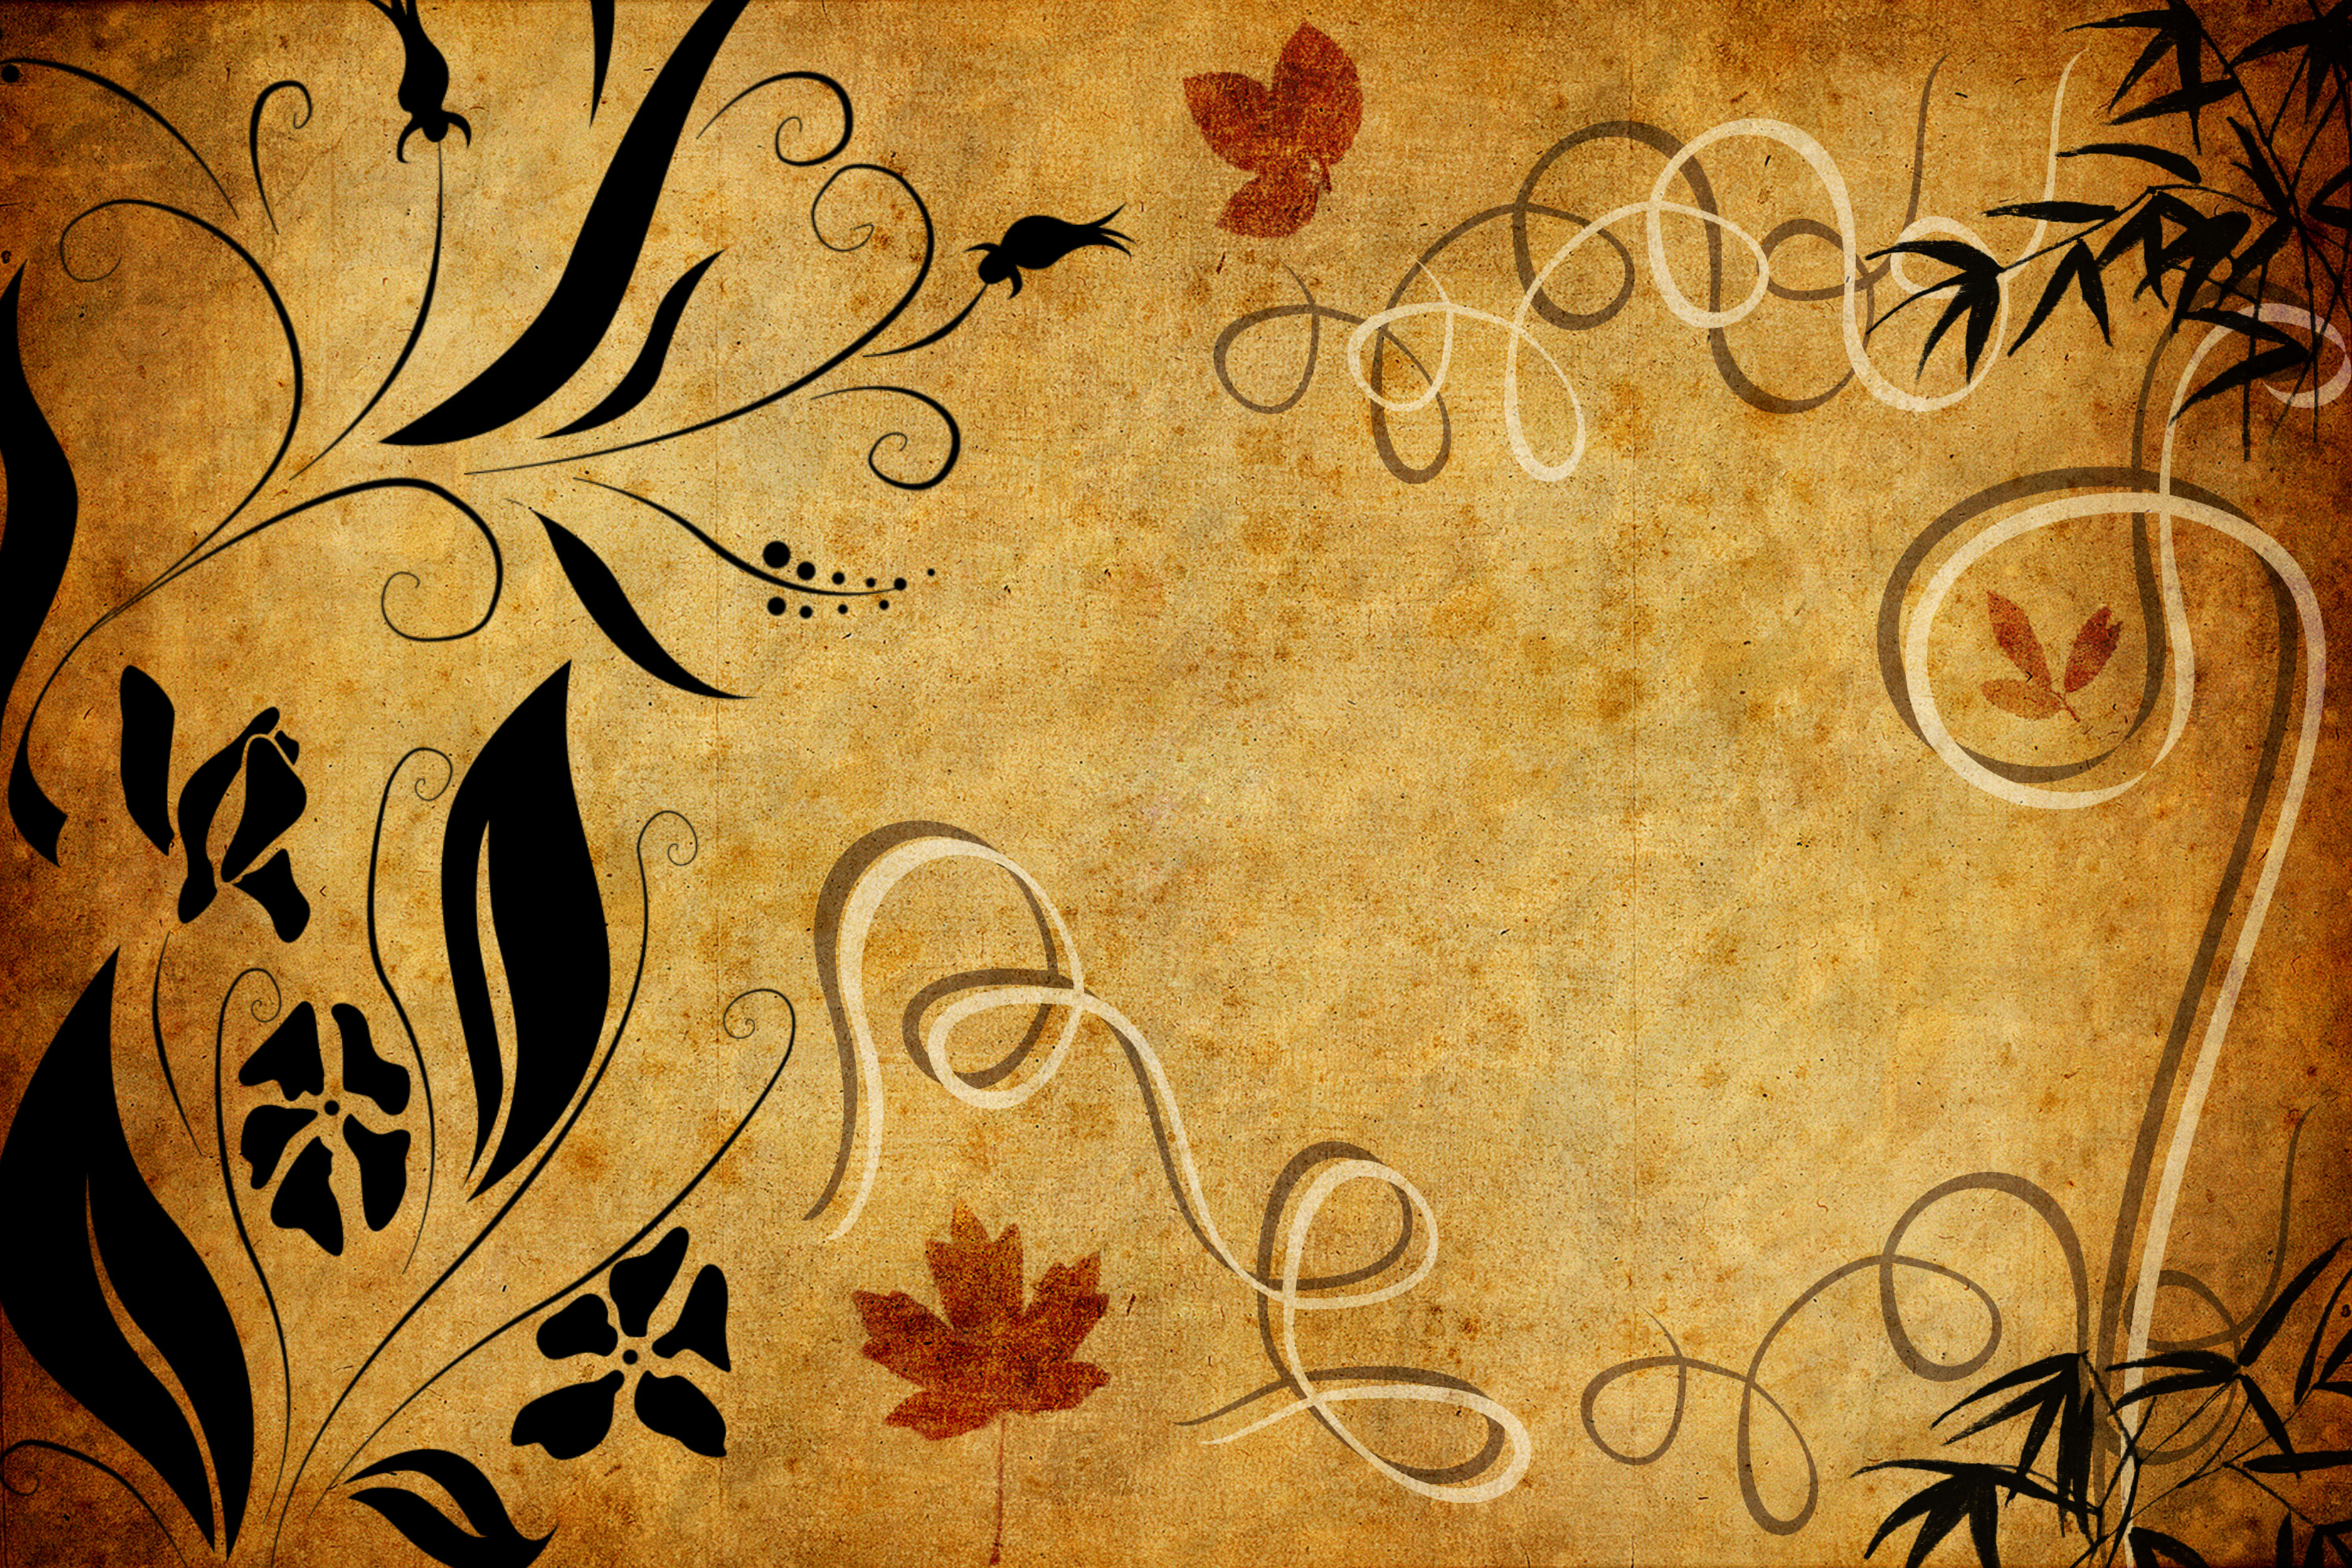 葉っぱや草木のイラスト/壁紙・背景no 134『レトロ調・蝶・曲線』